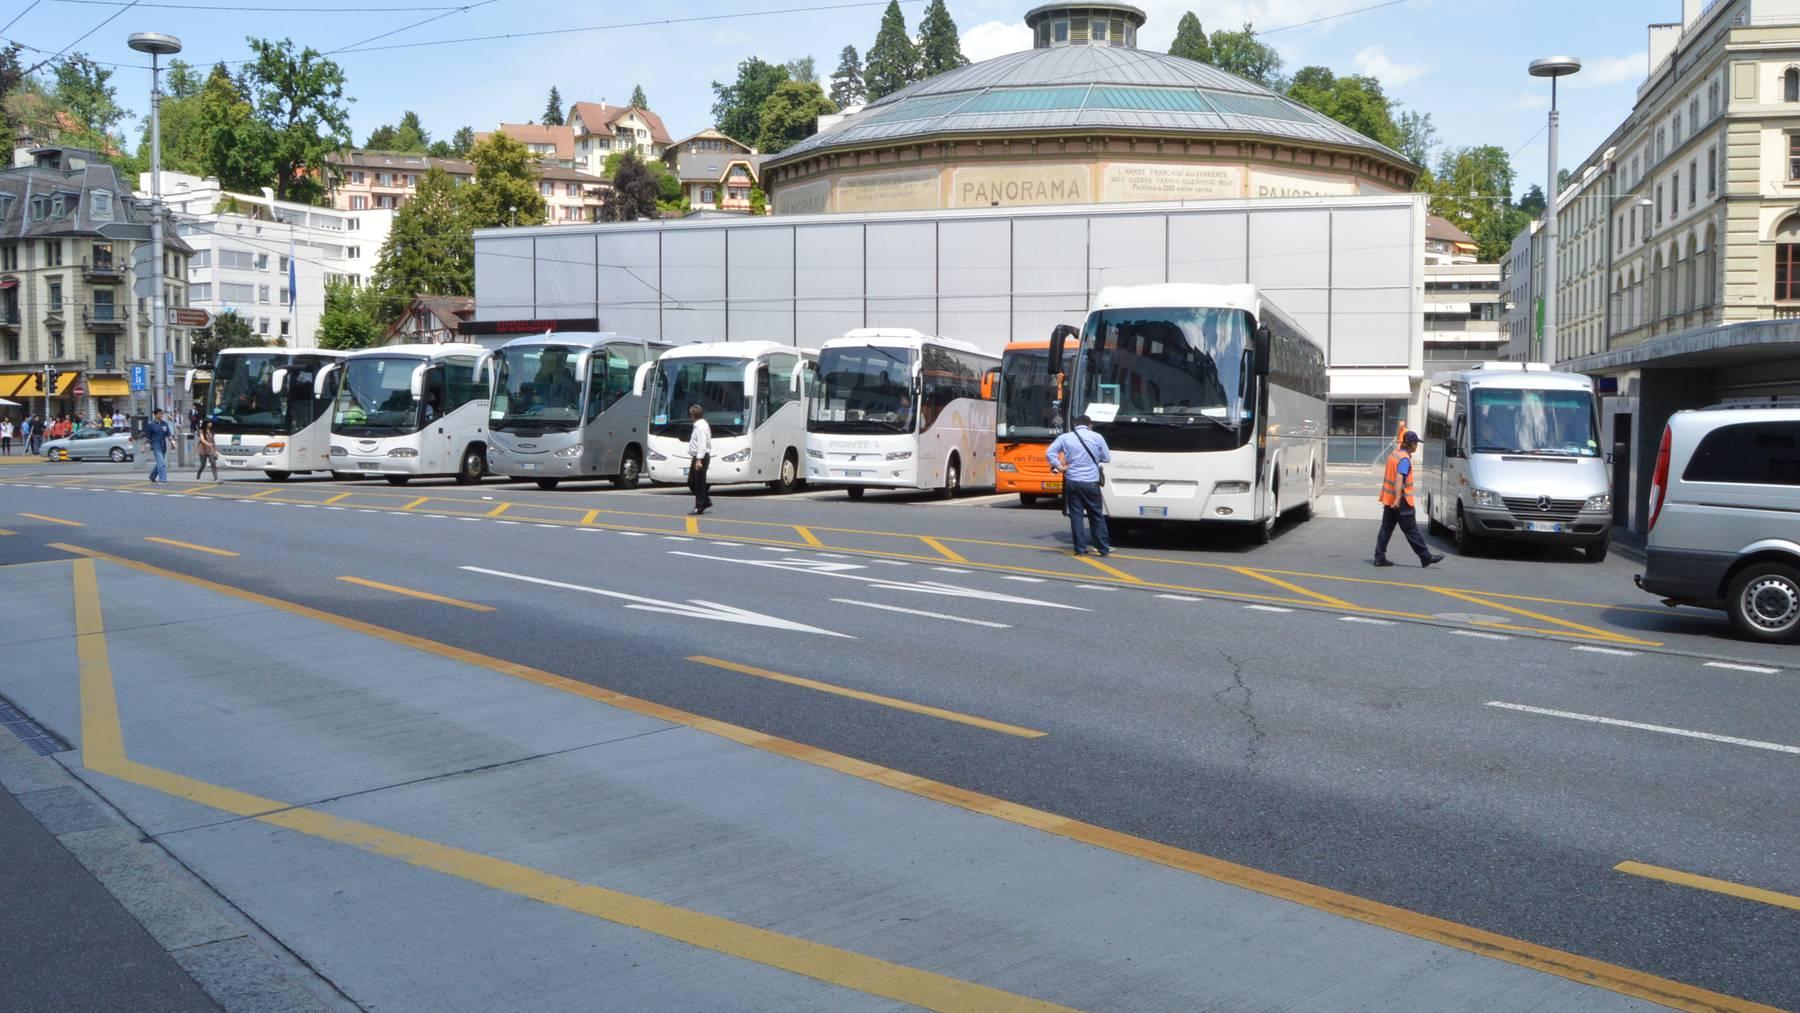 Neues Parkregime für Cars in Luzern gilt ab 1. Mai